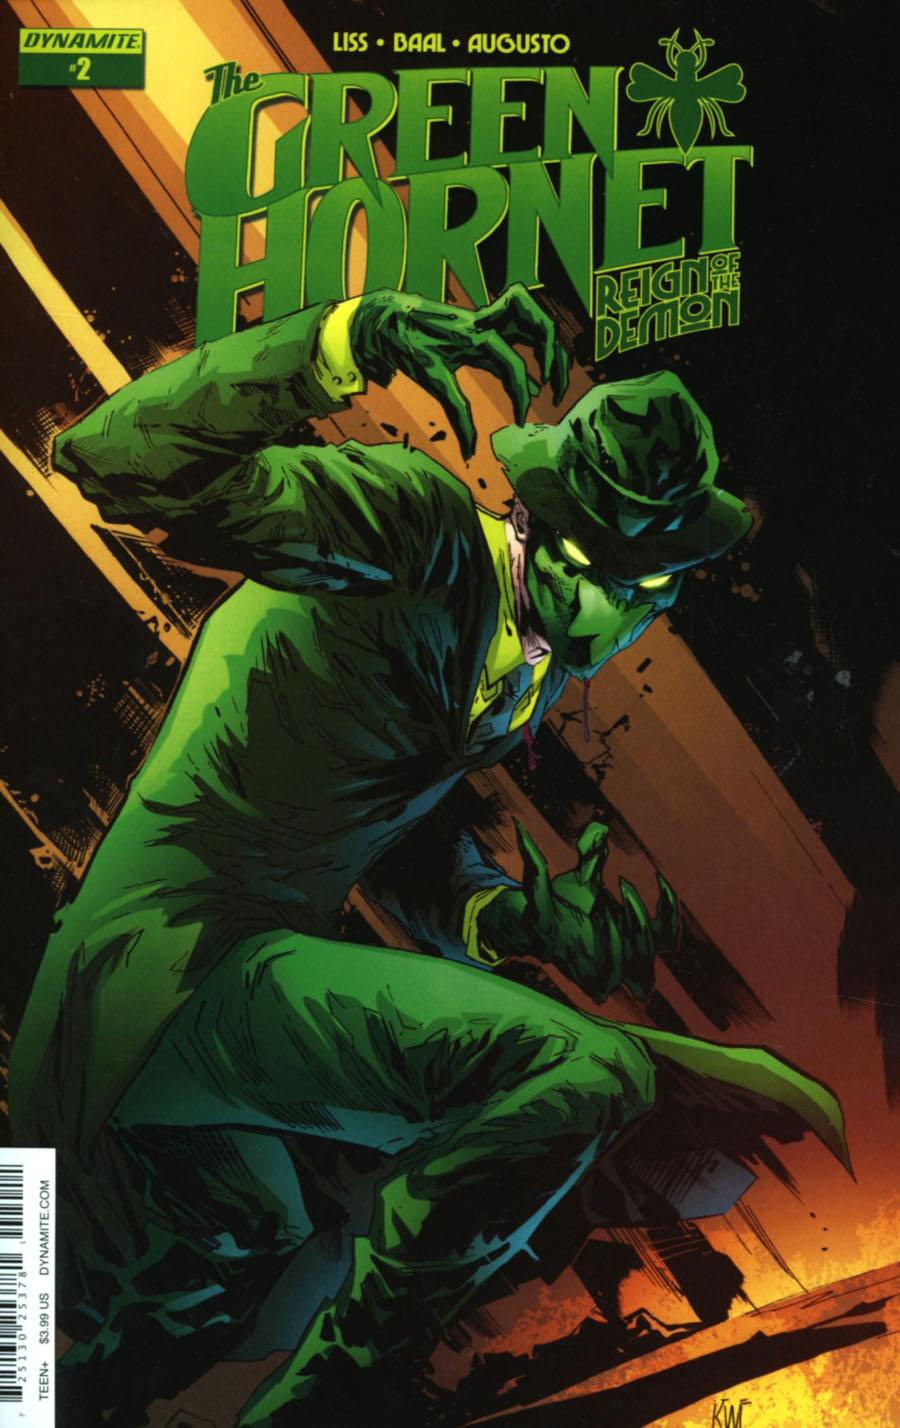 Green Hornet Reign Of The Demon #2 Cover A Regular Ken Lashley Cover